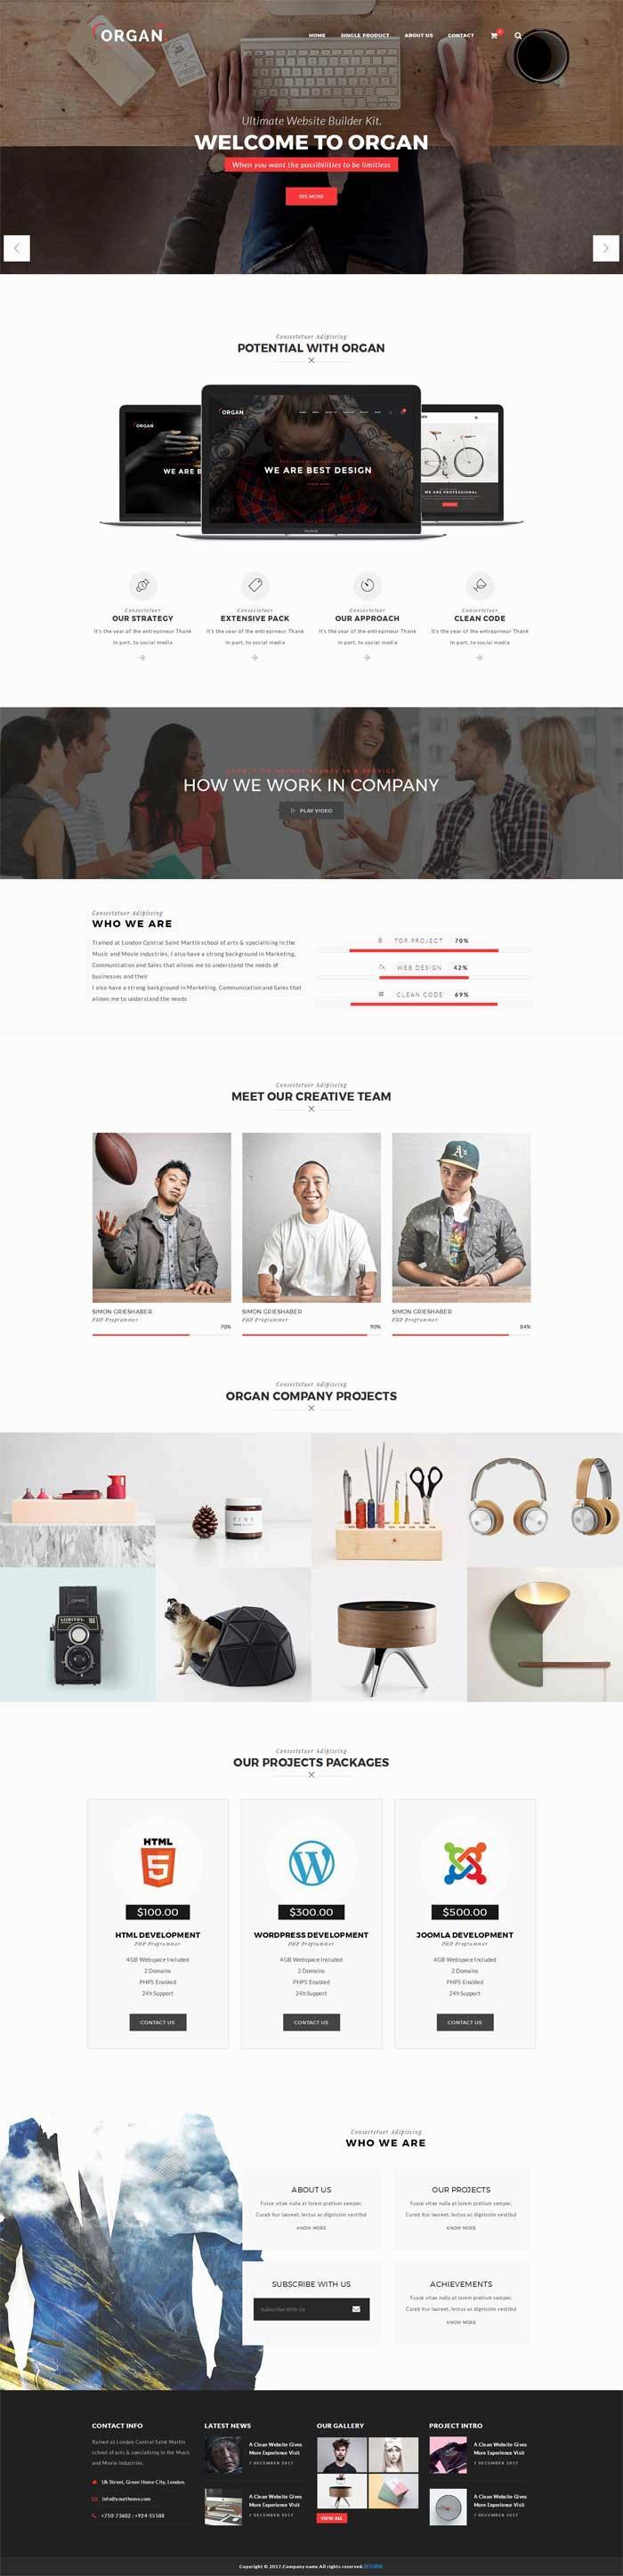 创意的生活家居设计公司网页模板